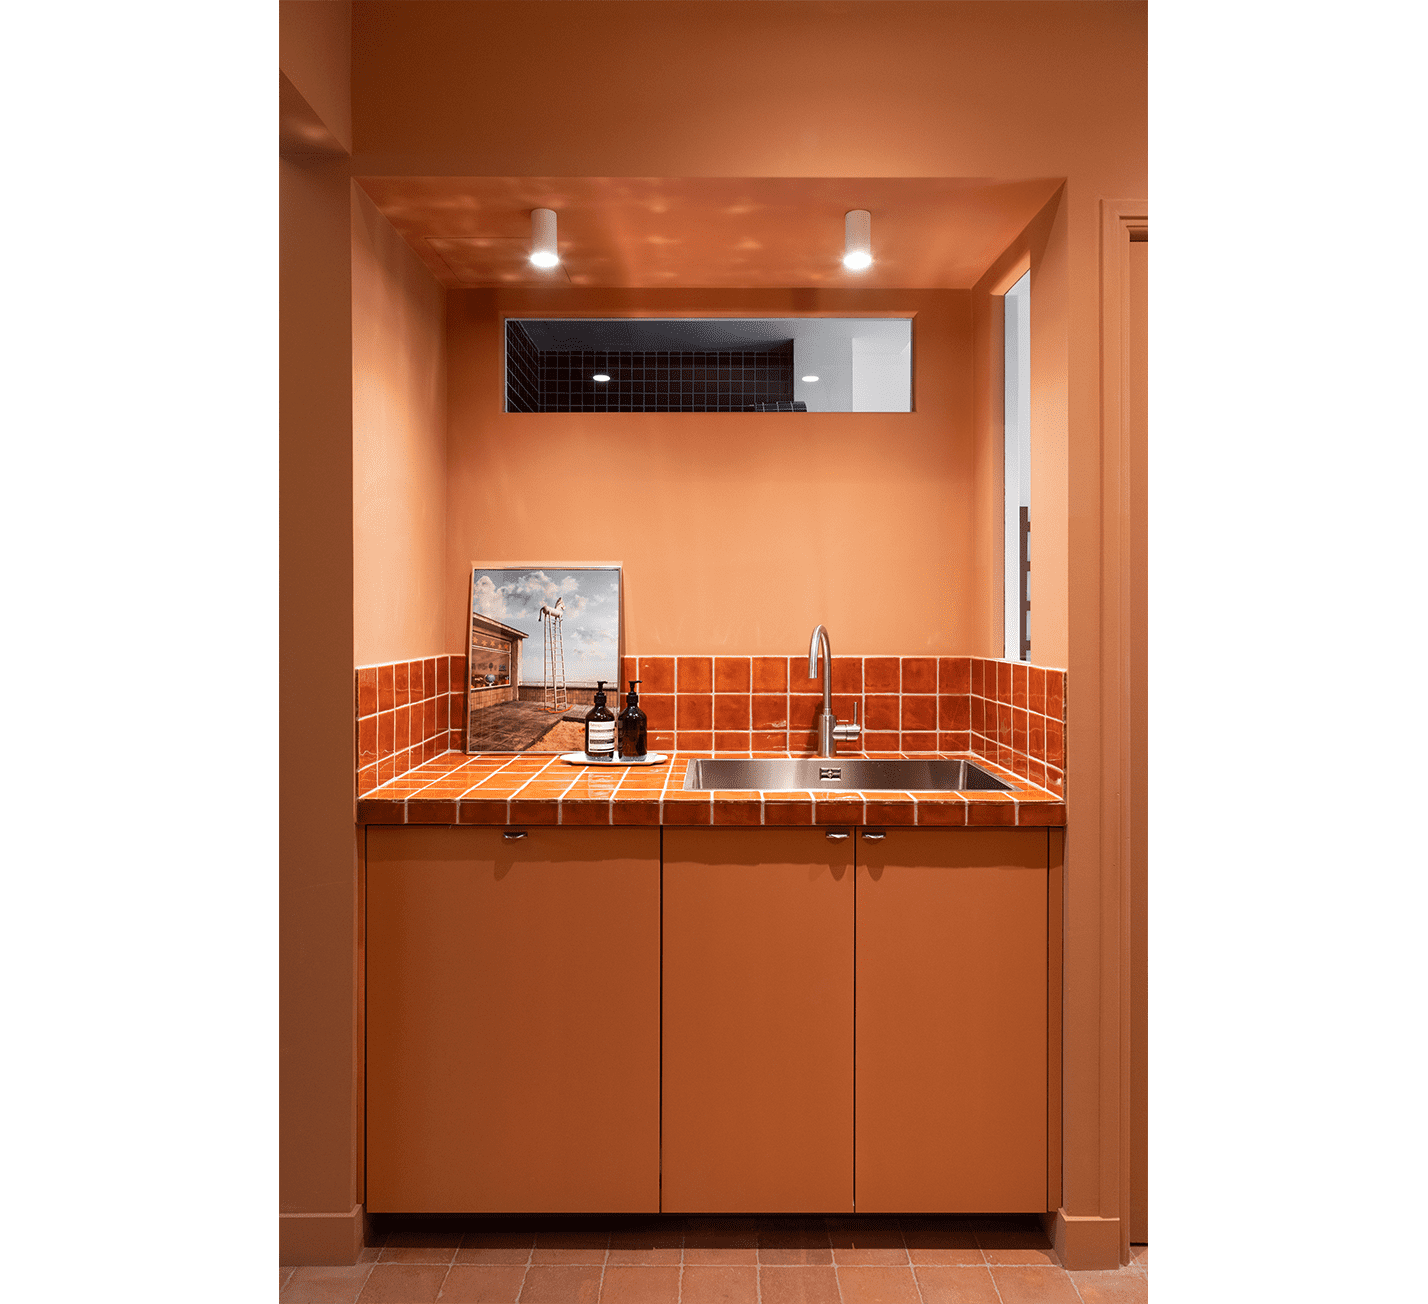 Appartement-Pantin-paris-rénovation-architecture-paris-construction-atelier-steve-pauline-borgia-20